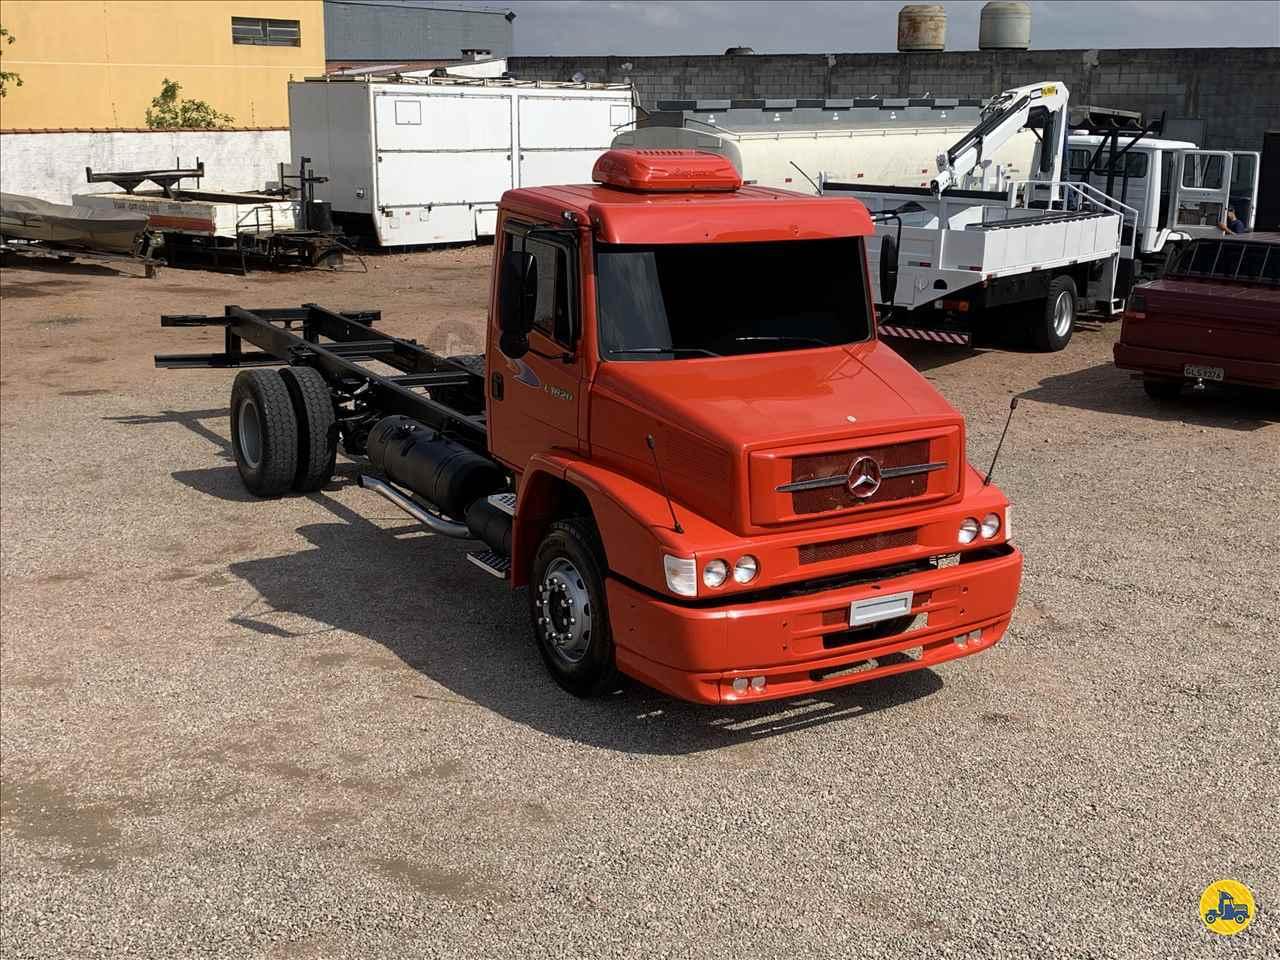 CAMINHAO MERCEDES-BENZ MB 1620 Chassis Toco 4x2 MacTruck CURITIBA PARANÁ PR